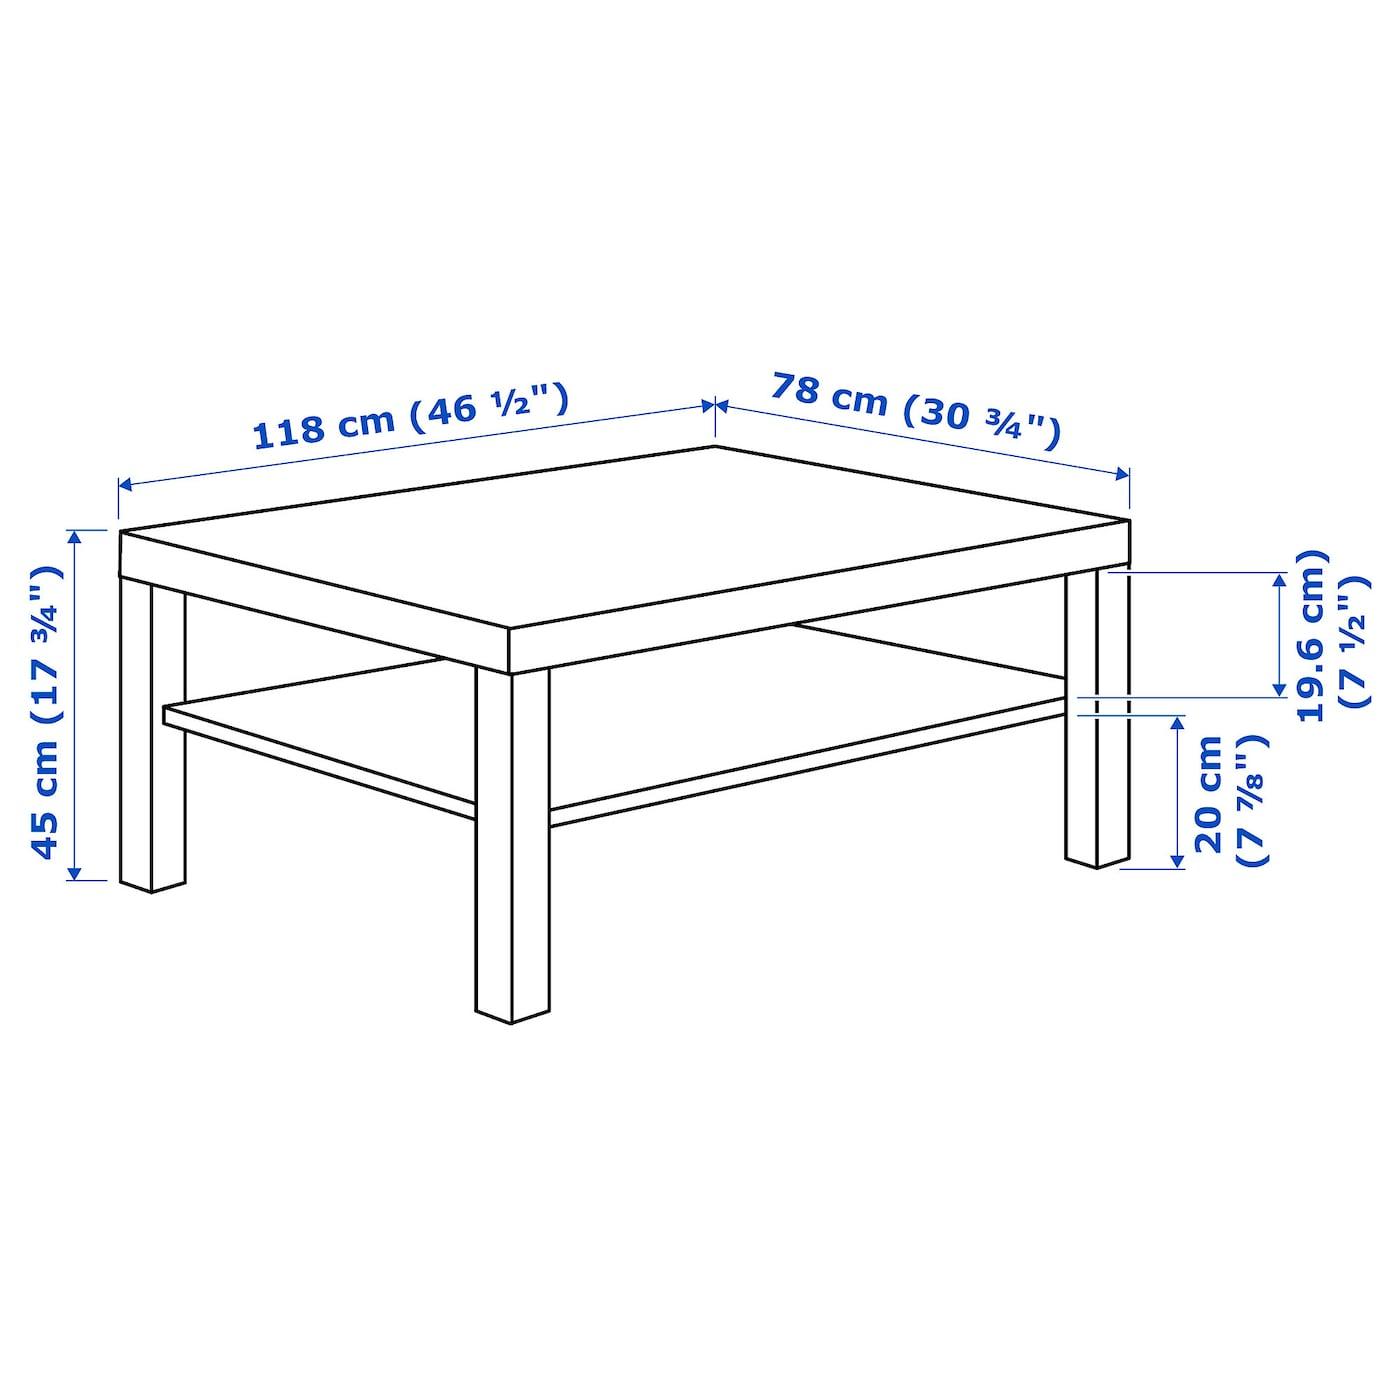 Beistelltisch IKEA LACK Couchtisch in schwarzbraun 12x12cm